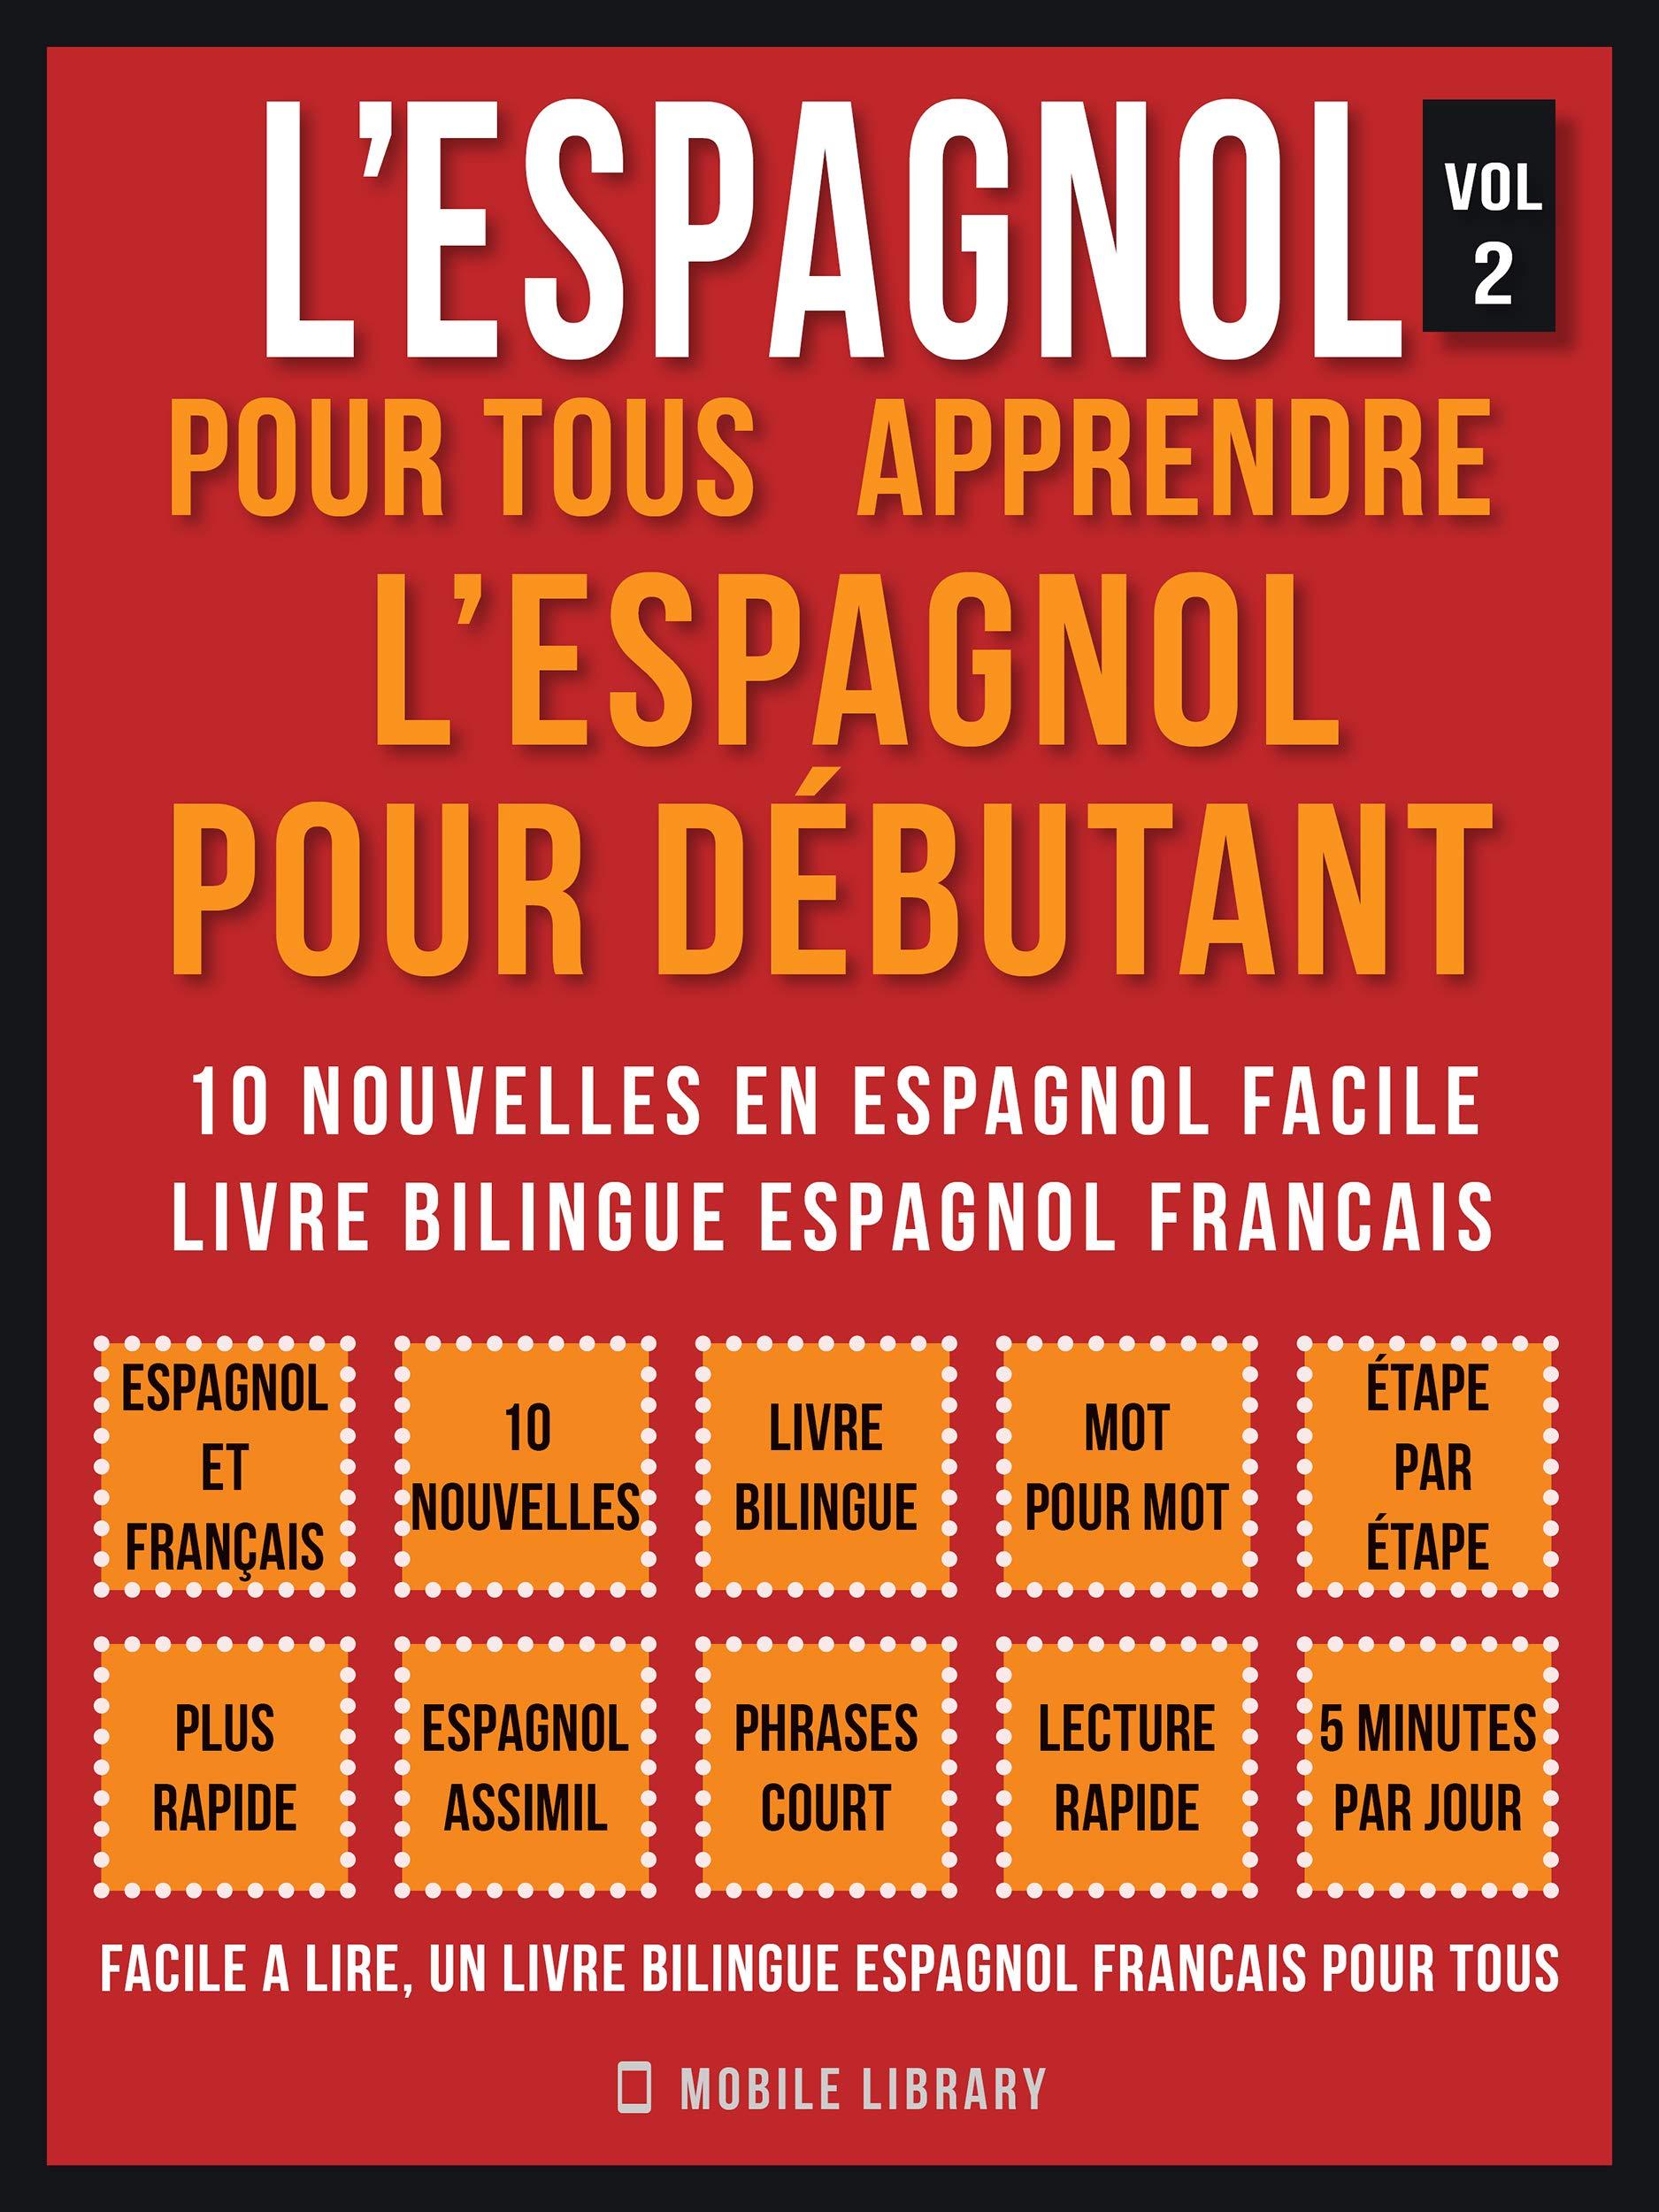 L'Espagnol Pour Tous - apprendre l'espagnol pour débutant (Vol 2): 10 nouvelles en espagnol facile, un livre bilingue espagnol francais (Foreign Language Learning Guides)